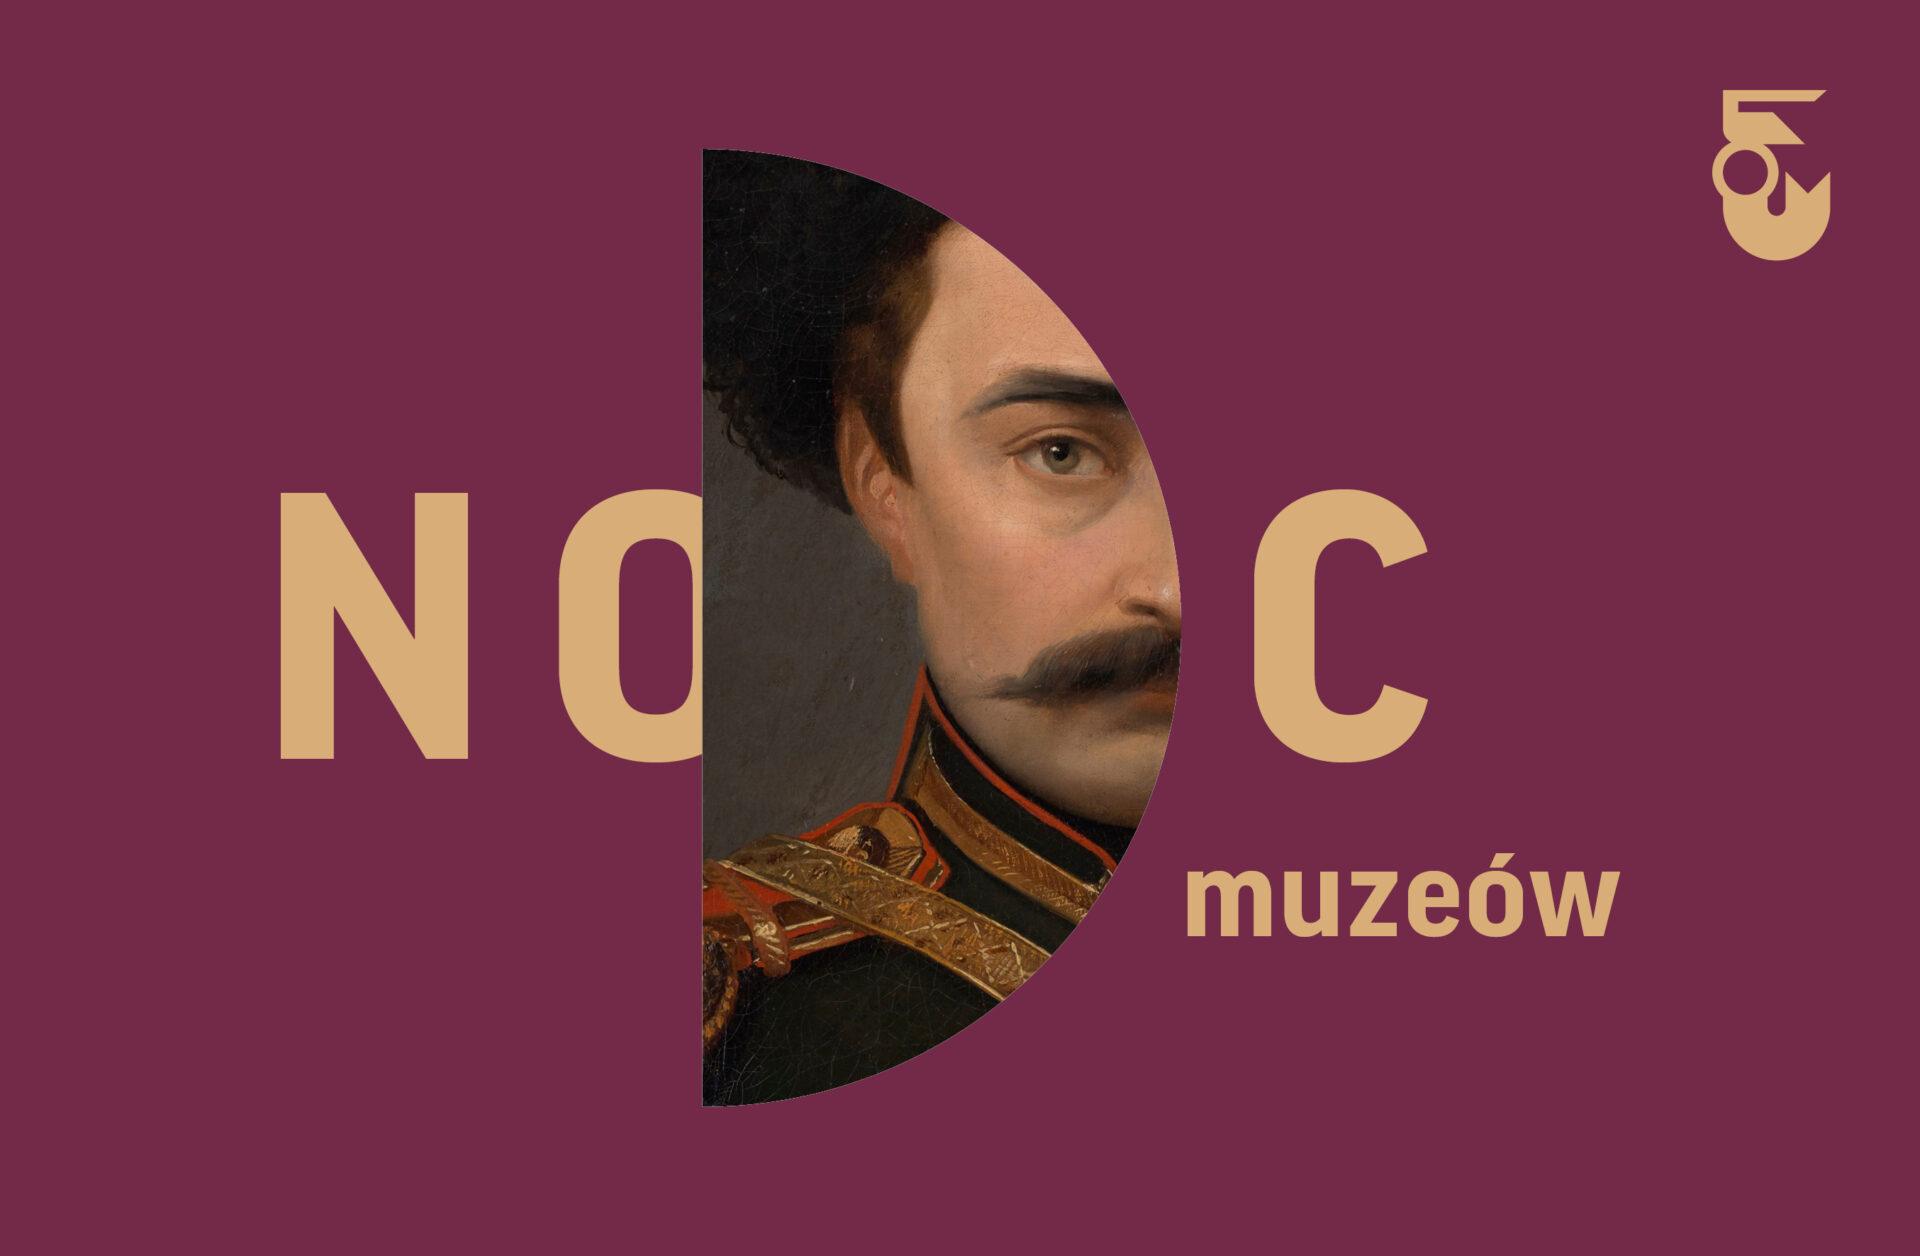 Świętuj znami Noc Muzeów 2021